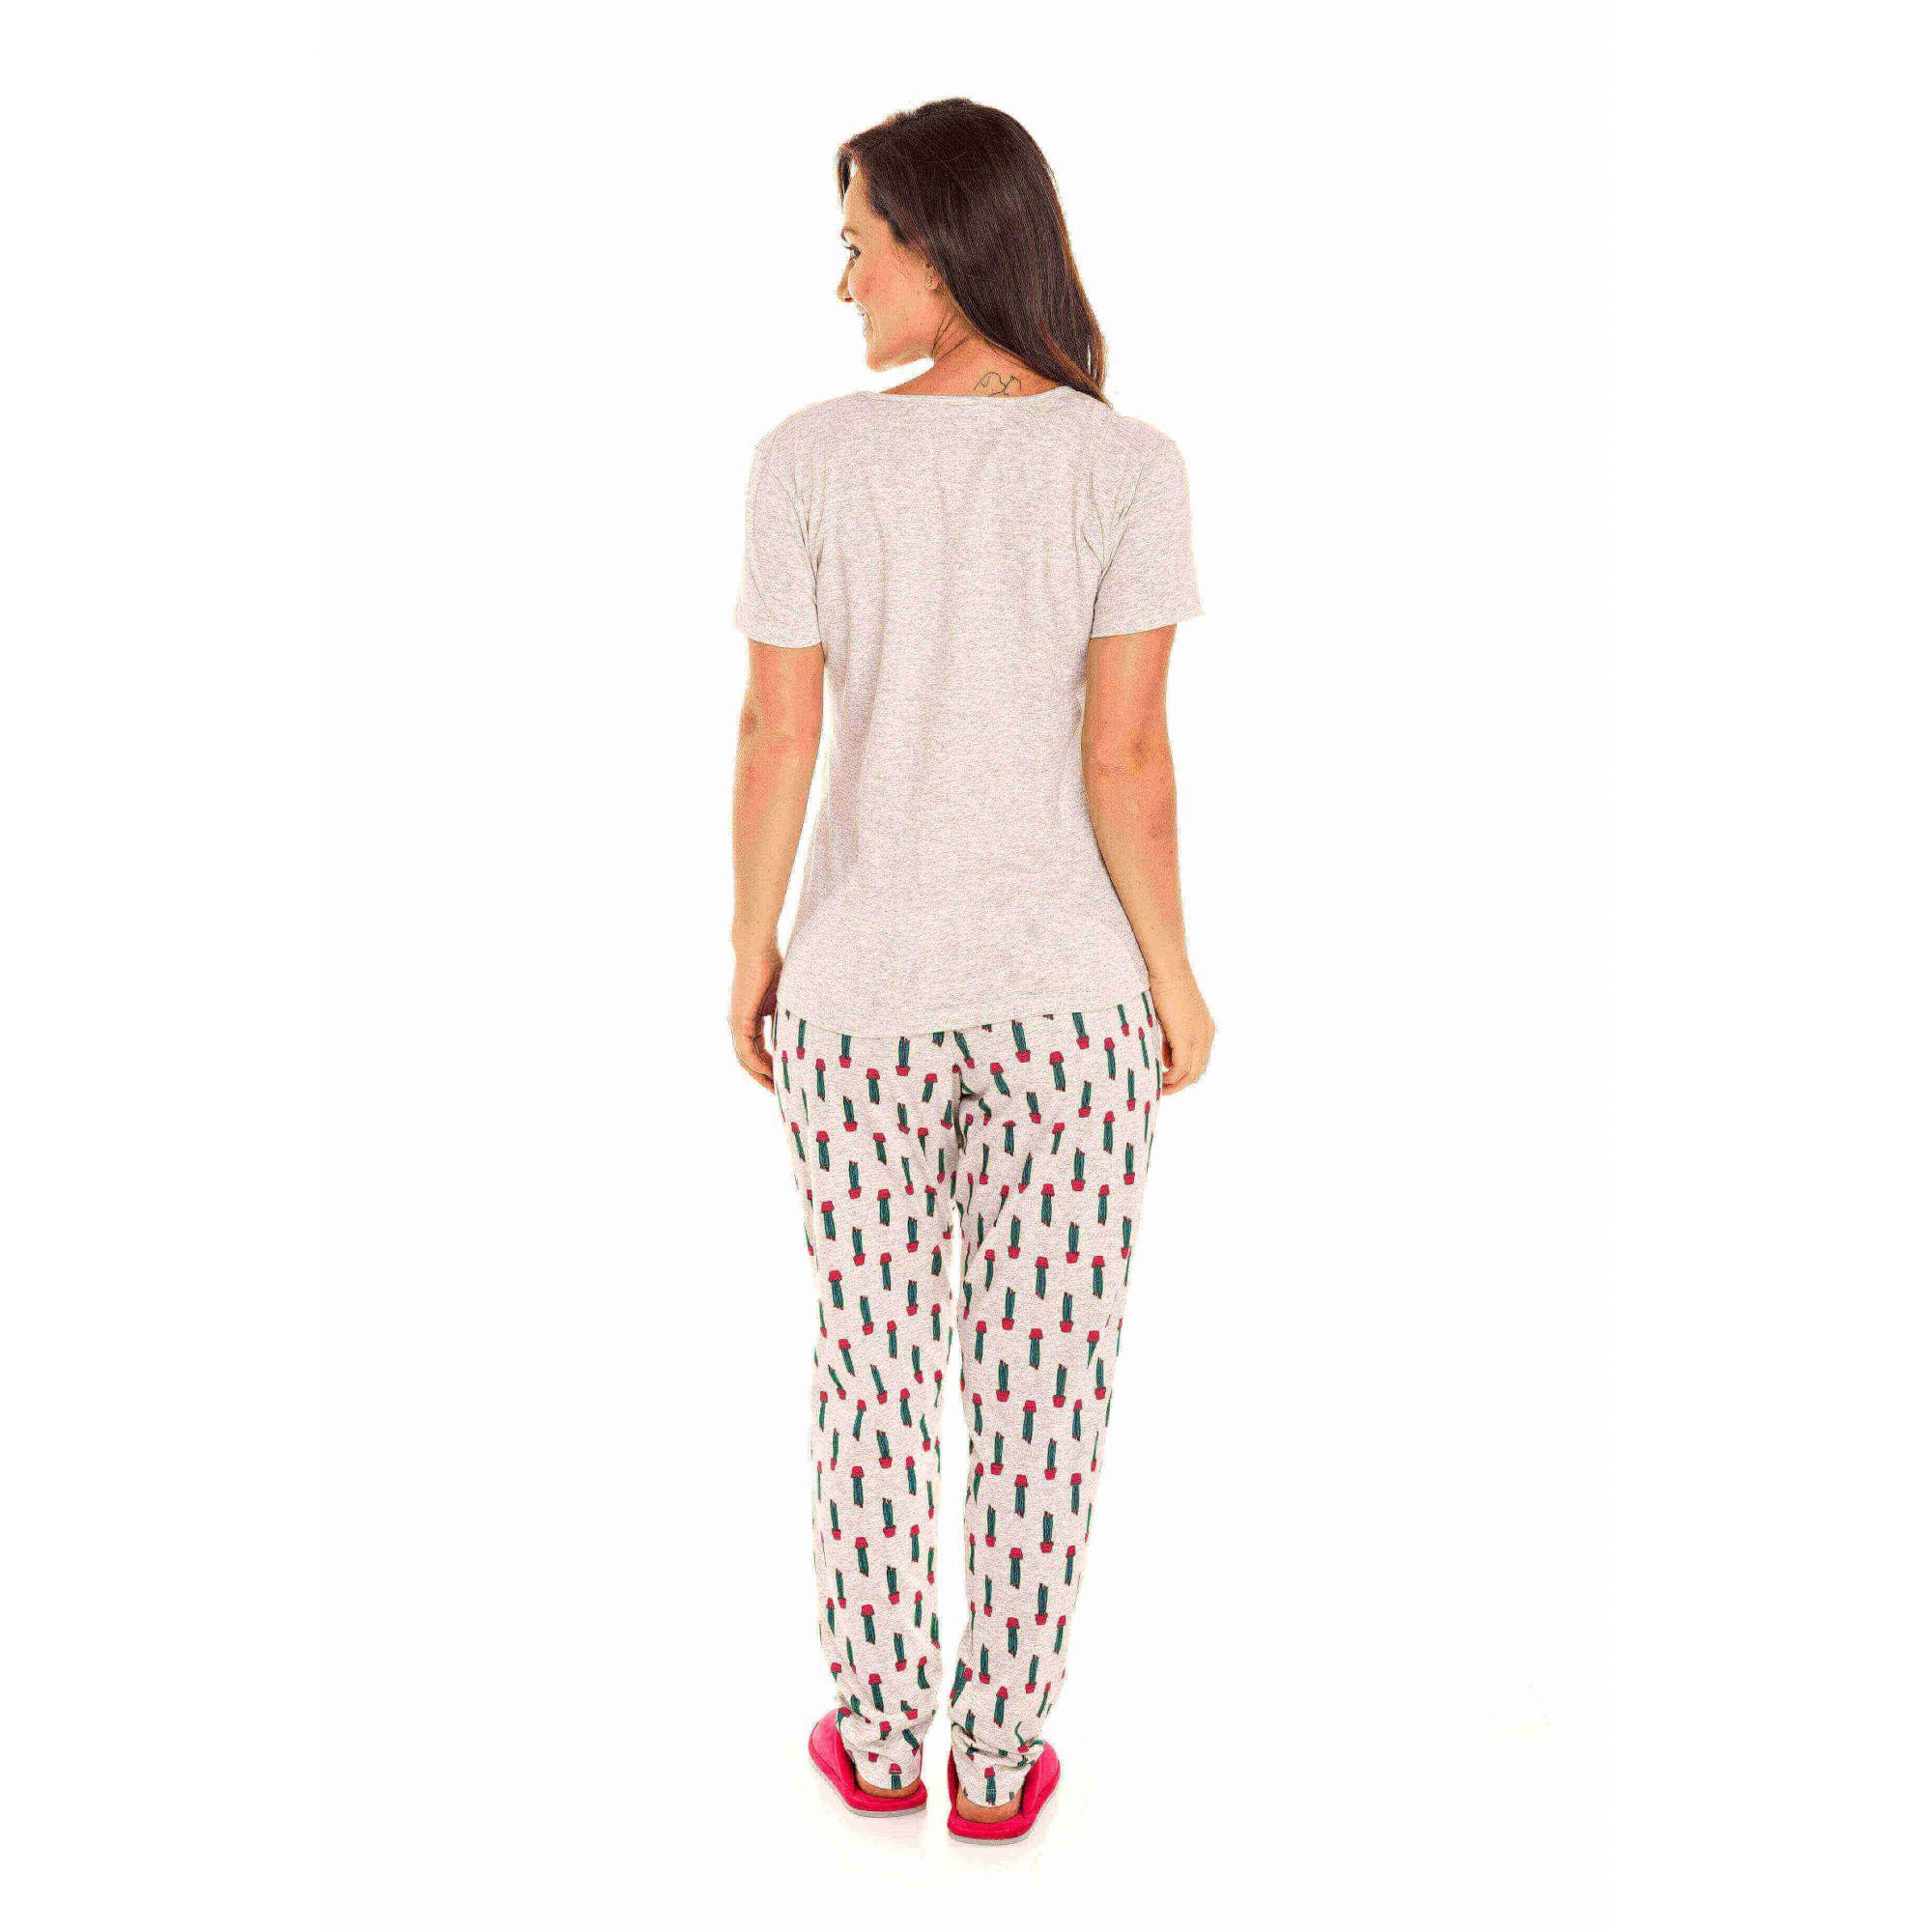 091/B - Pijama Juvenil Feminino Cactos